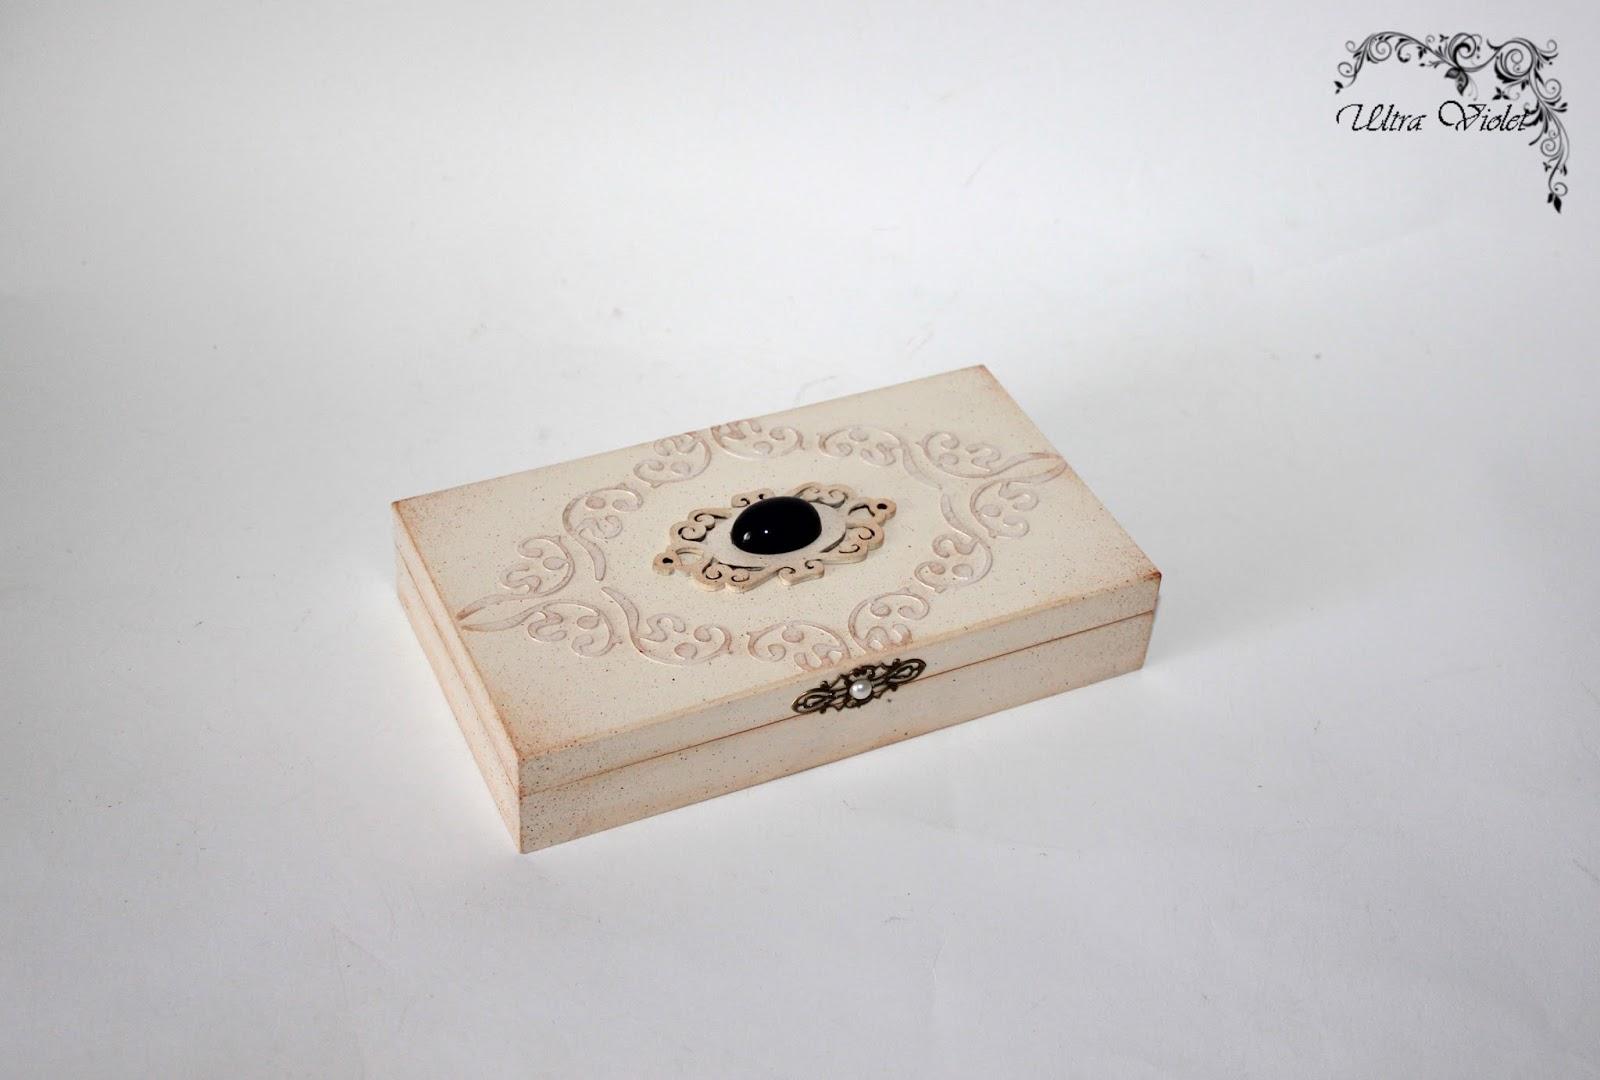 Ultra Violet Exklusive Geschenke Geldgeschenk Box Geldschein Box